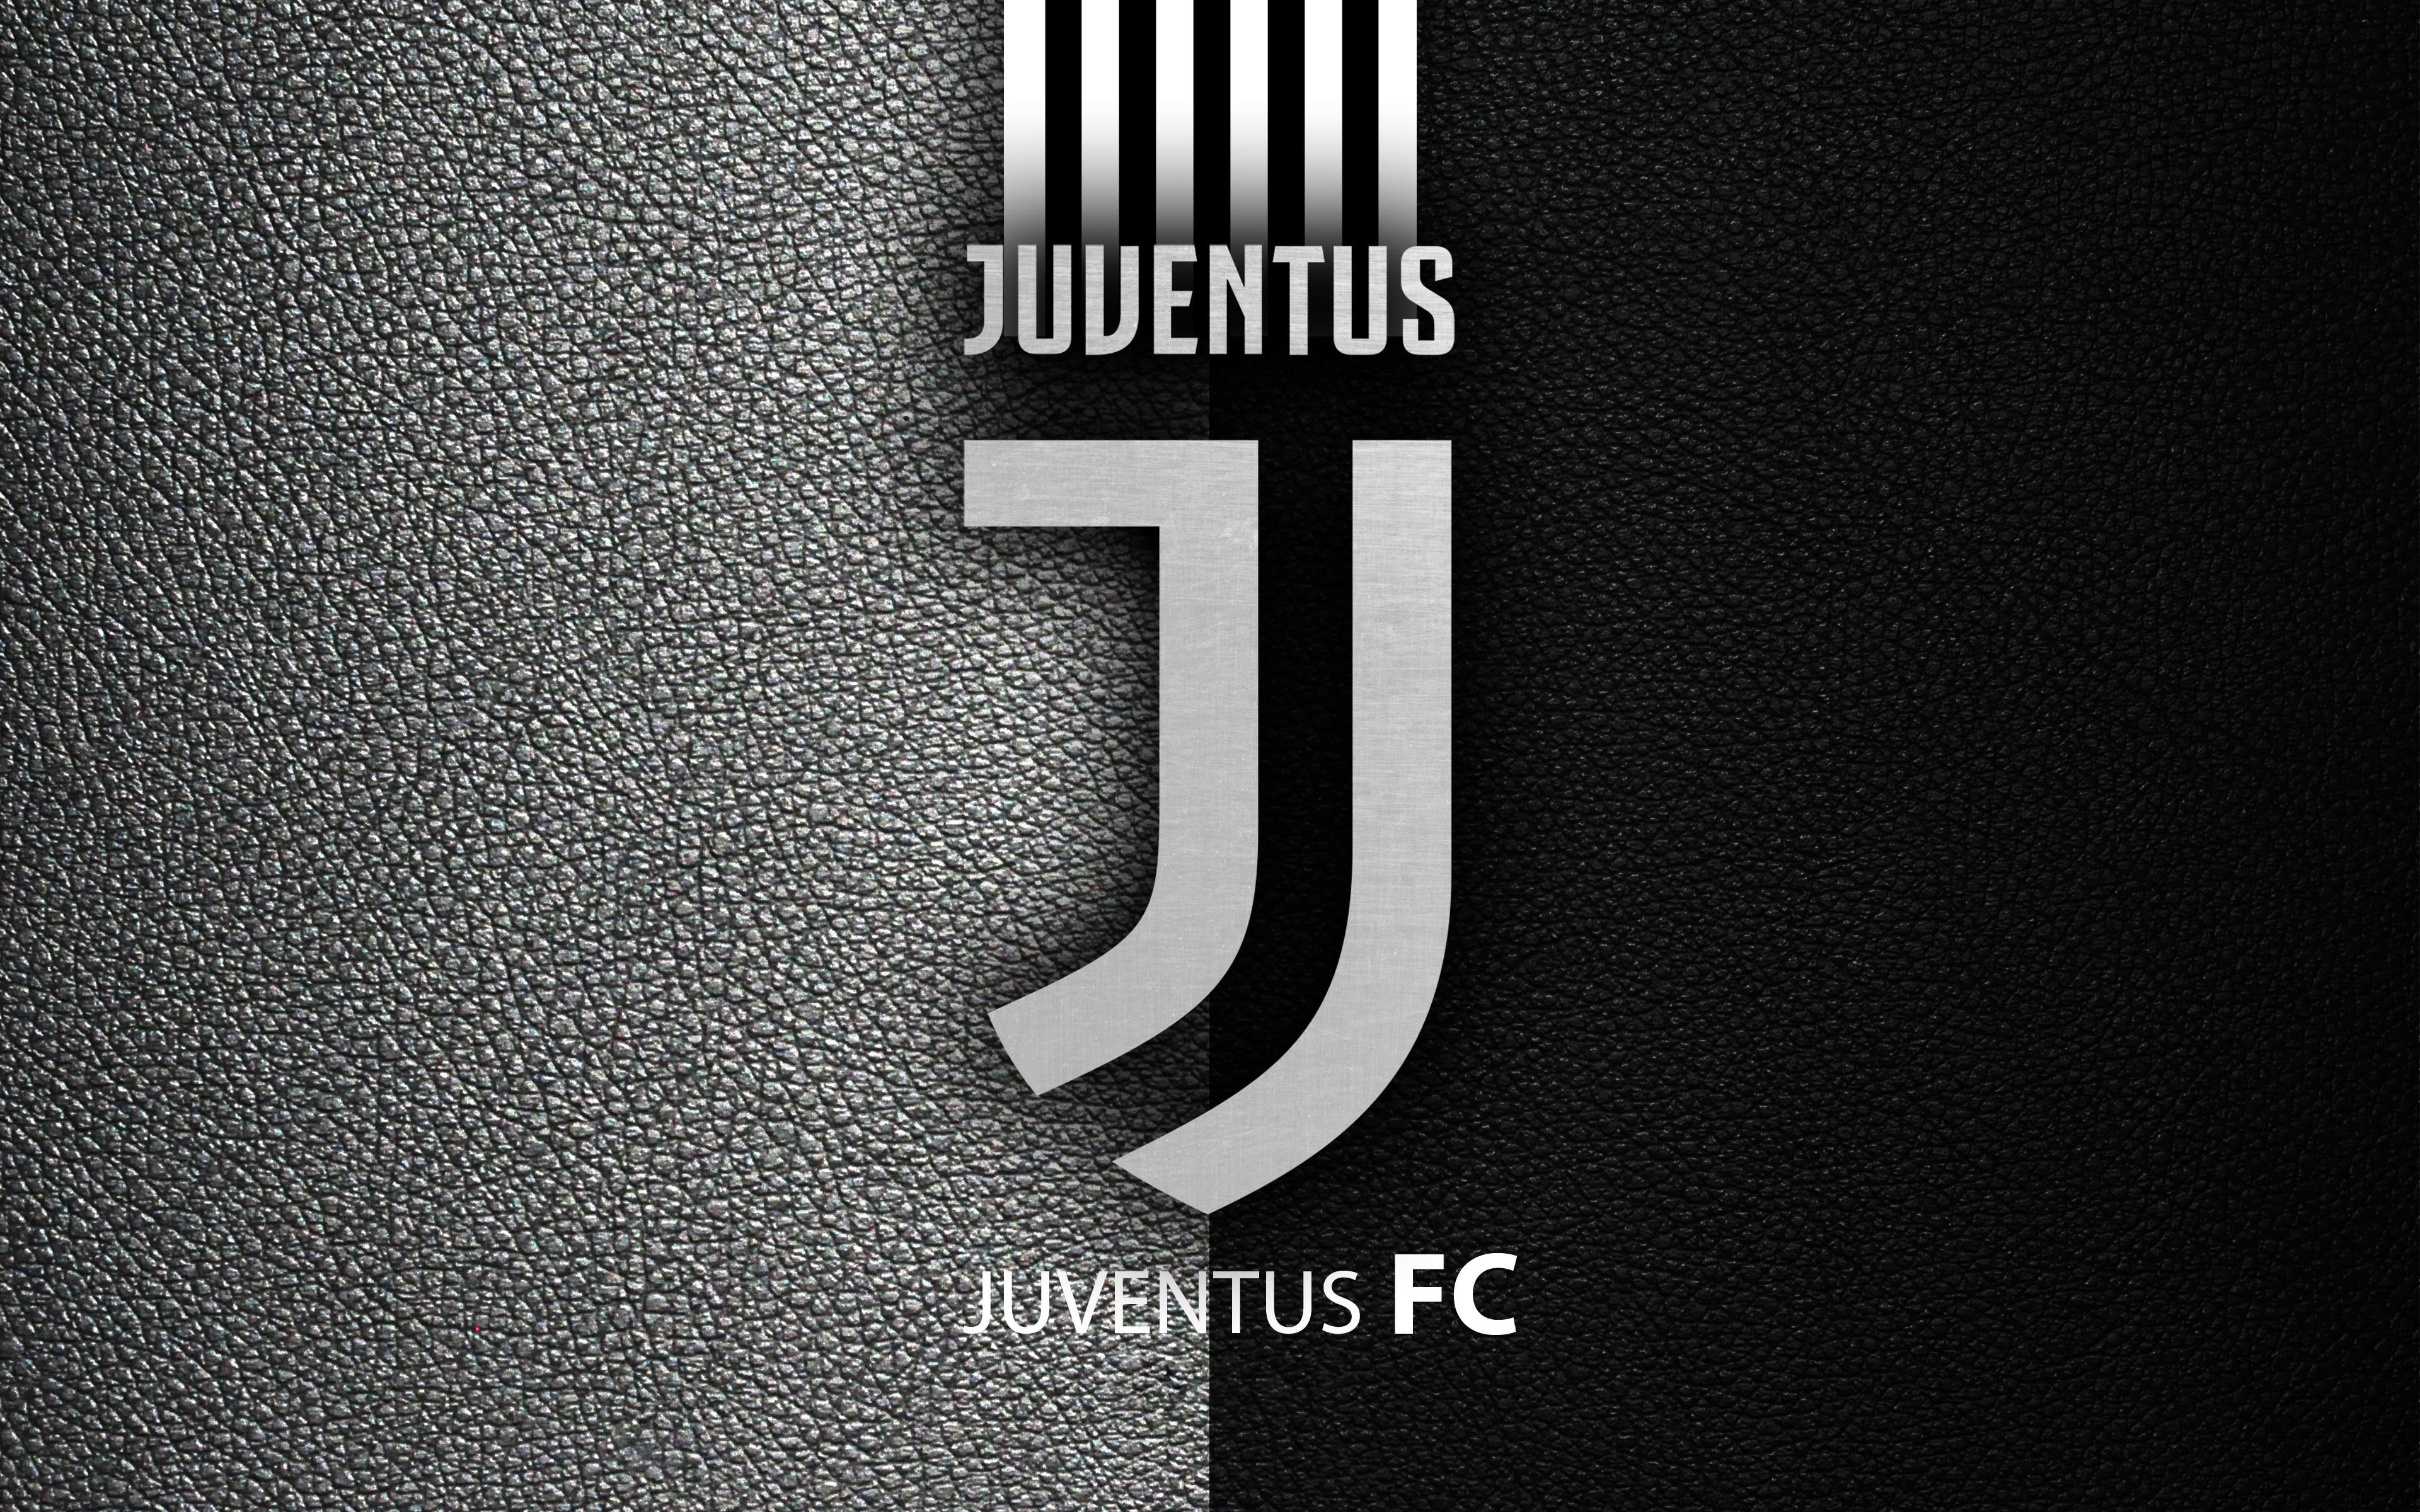 Juventus Logo 4k Ultra Fondo de pantalla HD | Fondo de ...